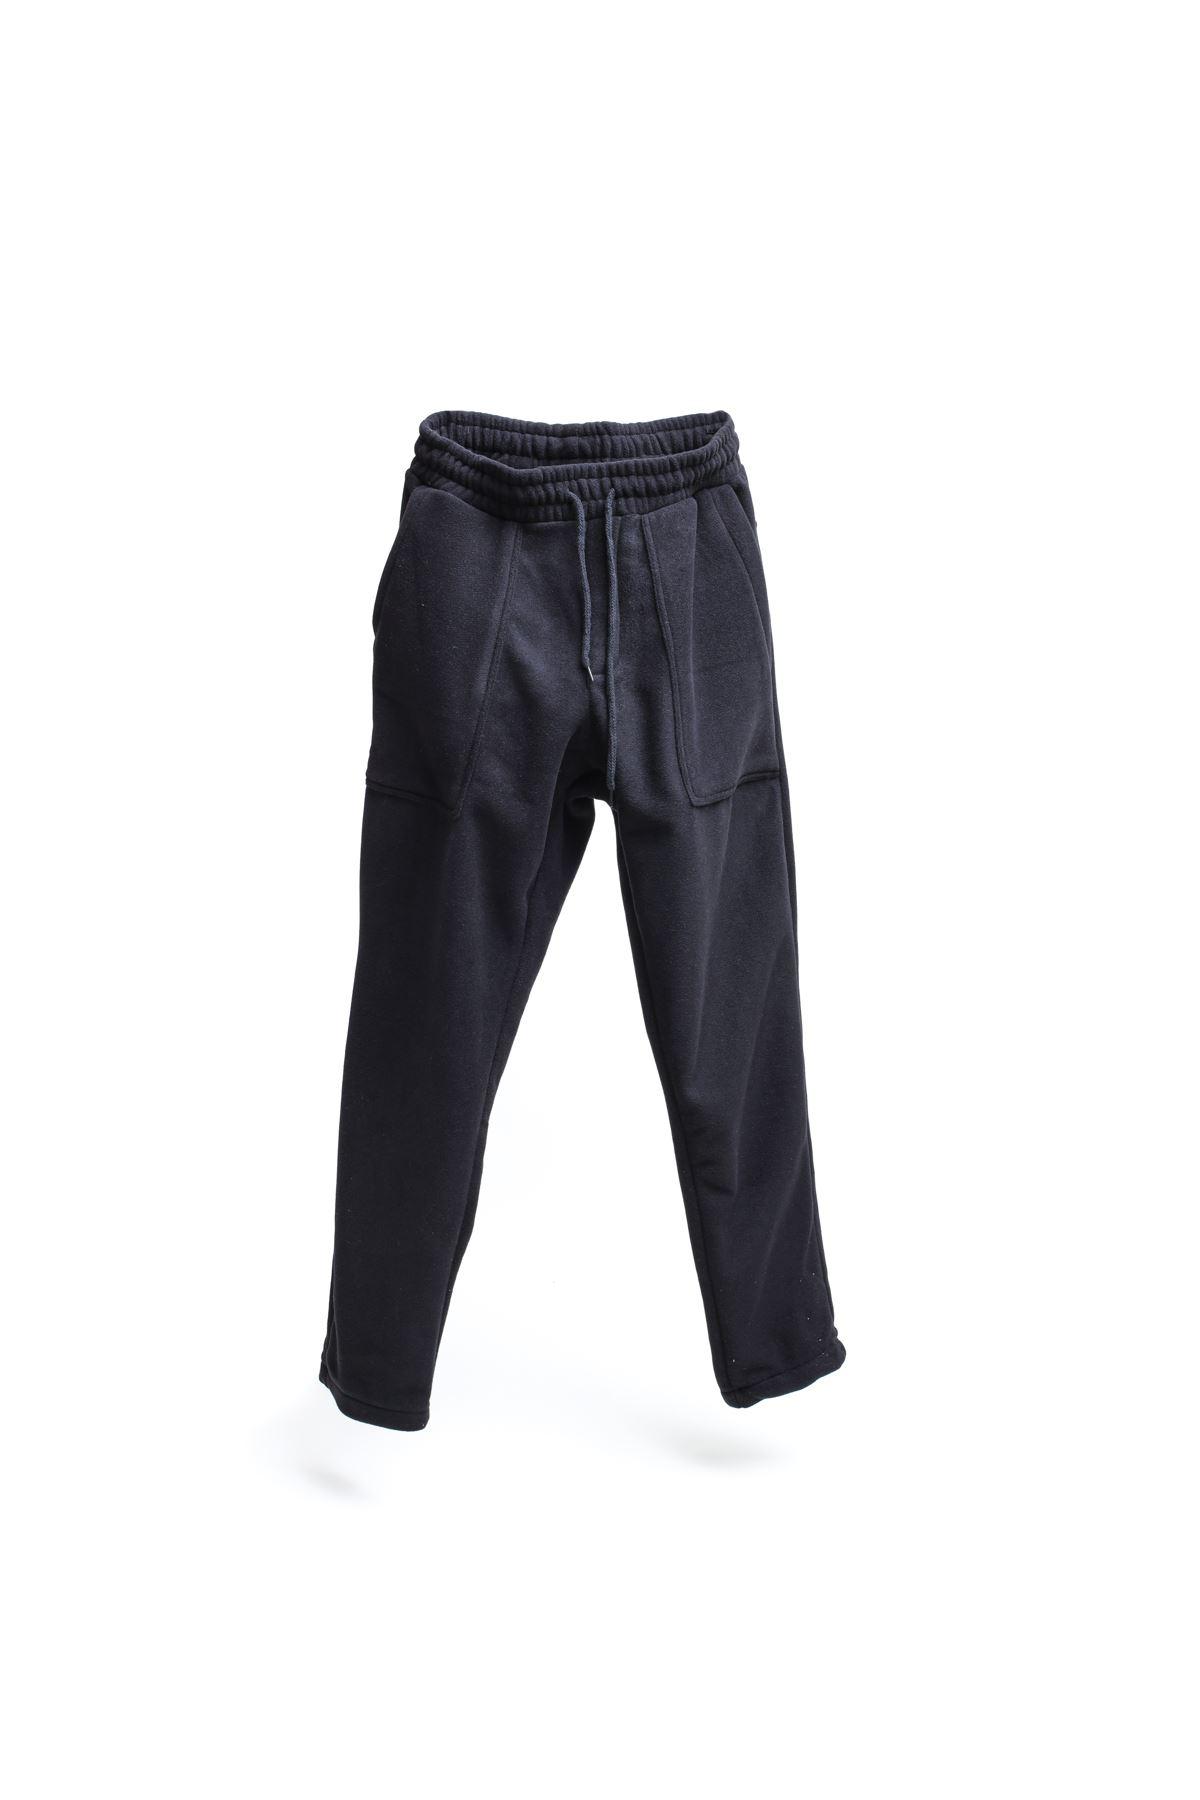 Siyah Polar Jogger Pantolon